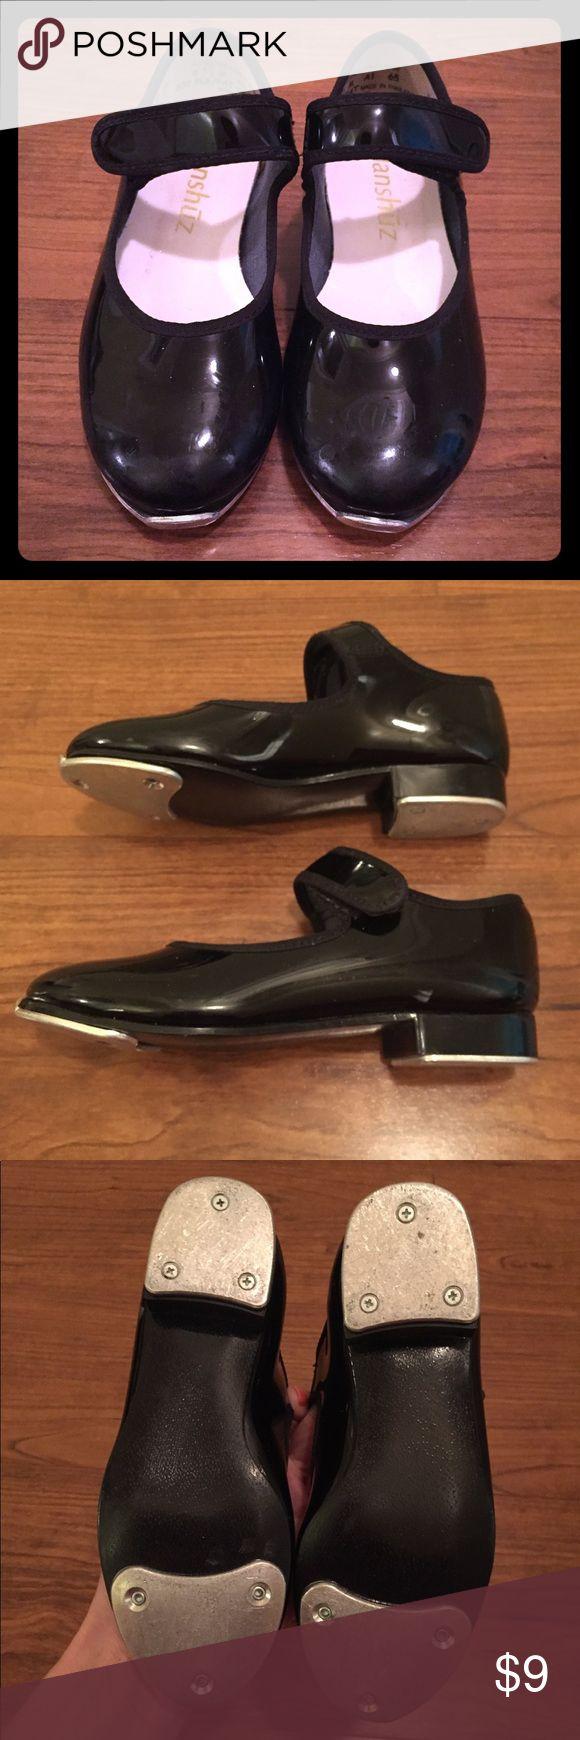 💋 Size 8.5 (8-1/2) Black Tap Shoes Danshuz Black Tap Shoes. Size 8.5 (8-1/2). Worn one dance season. Definite wear still left in them! Listing as Capezio for exposure. Capezio Shoes